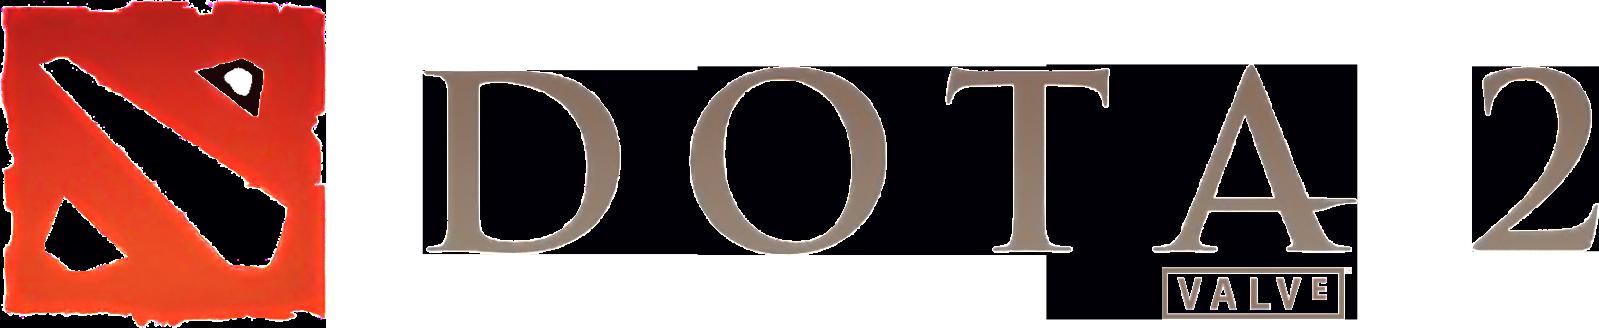 De la mano de Valve, el DotA 2 es uno de los juegos con más soporte de la comunidad.